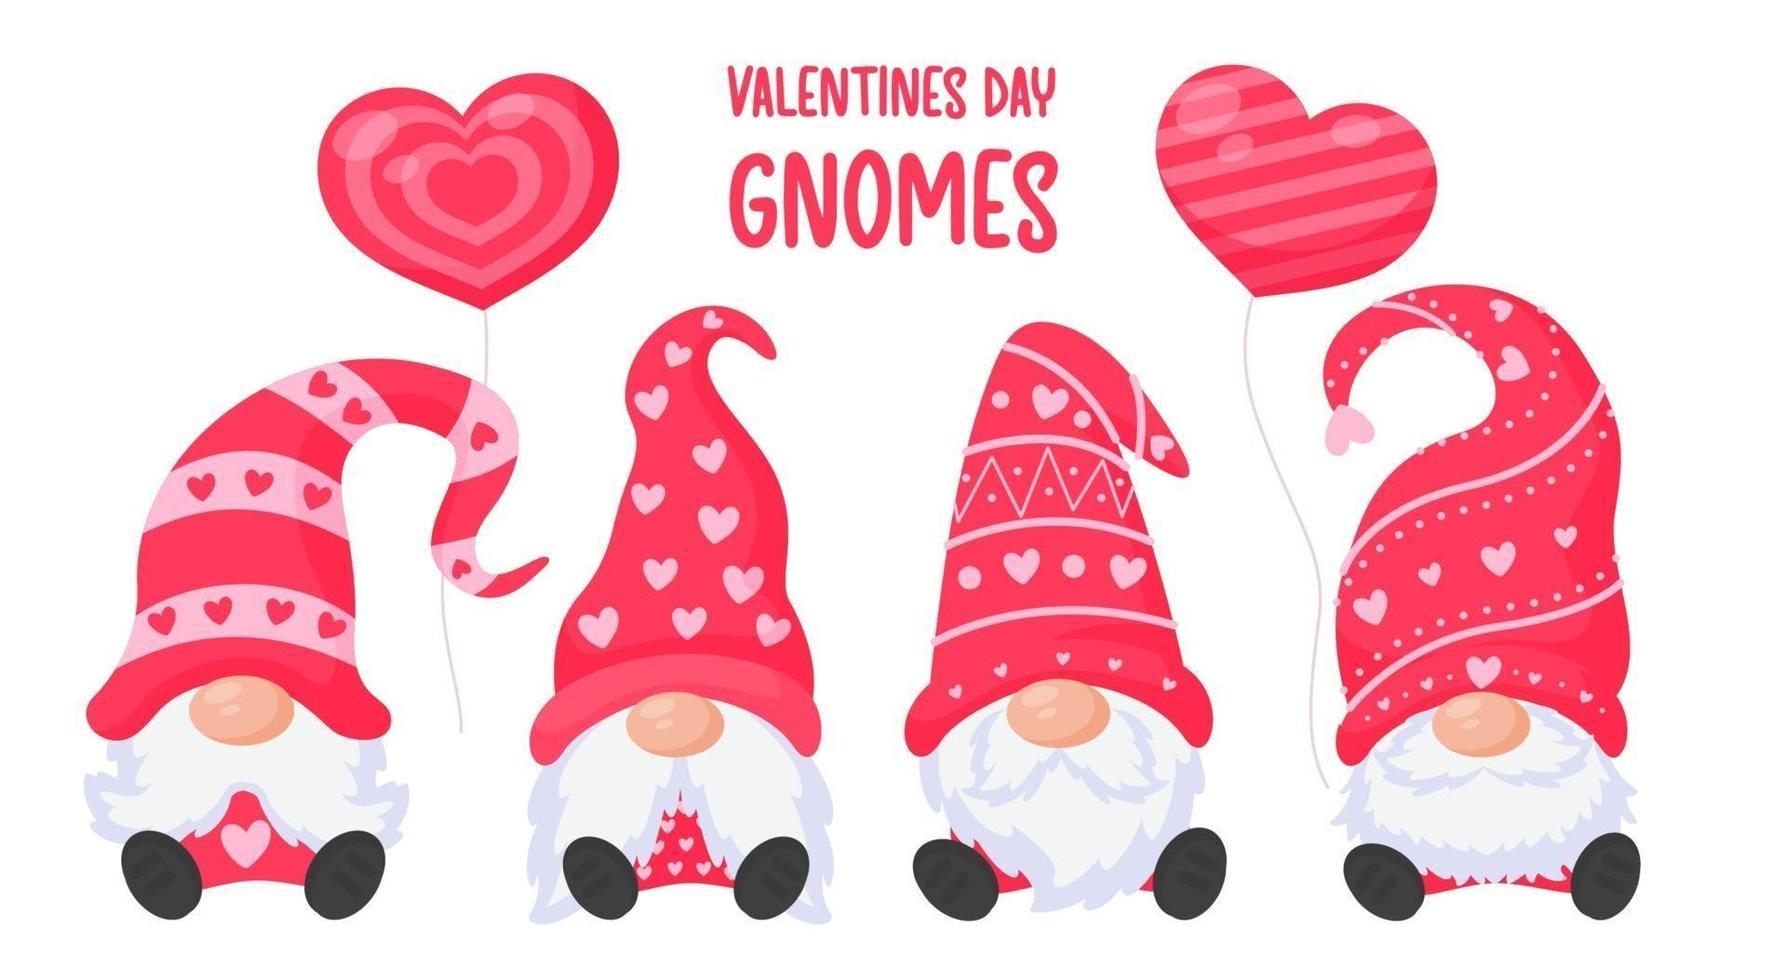 dwergen of kabouters houden roze hartballonnen vast. voor Valentijnsdag wenskaart vector